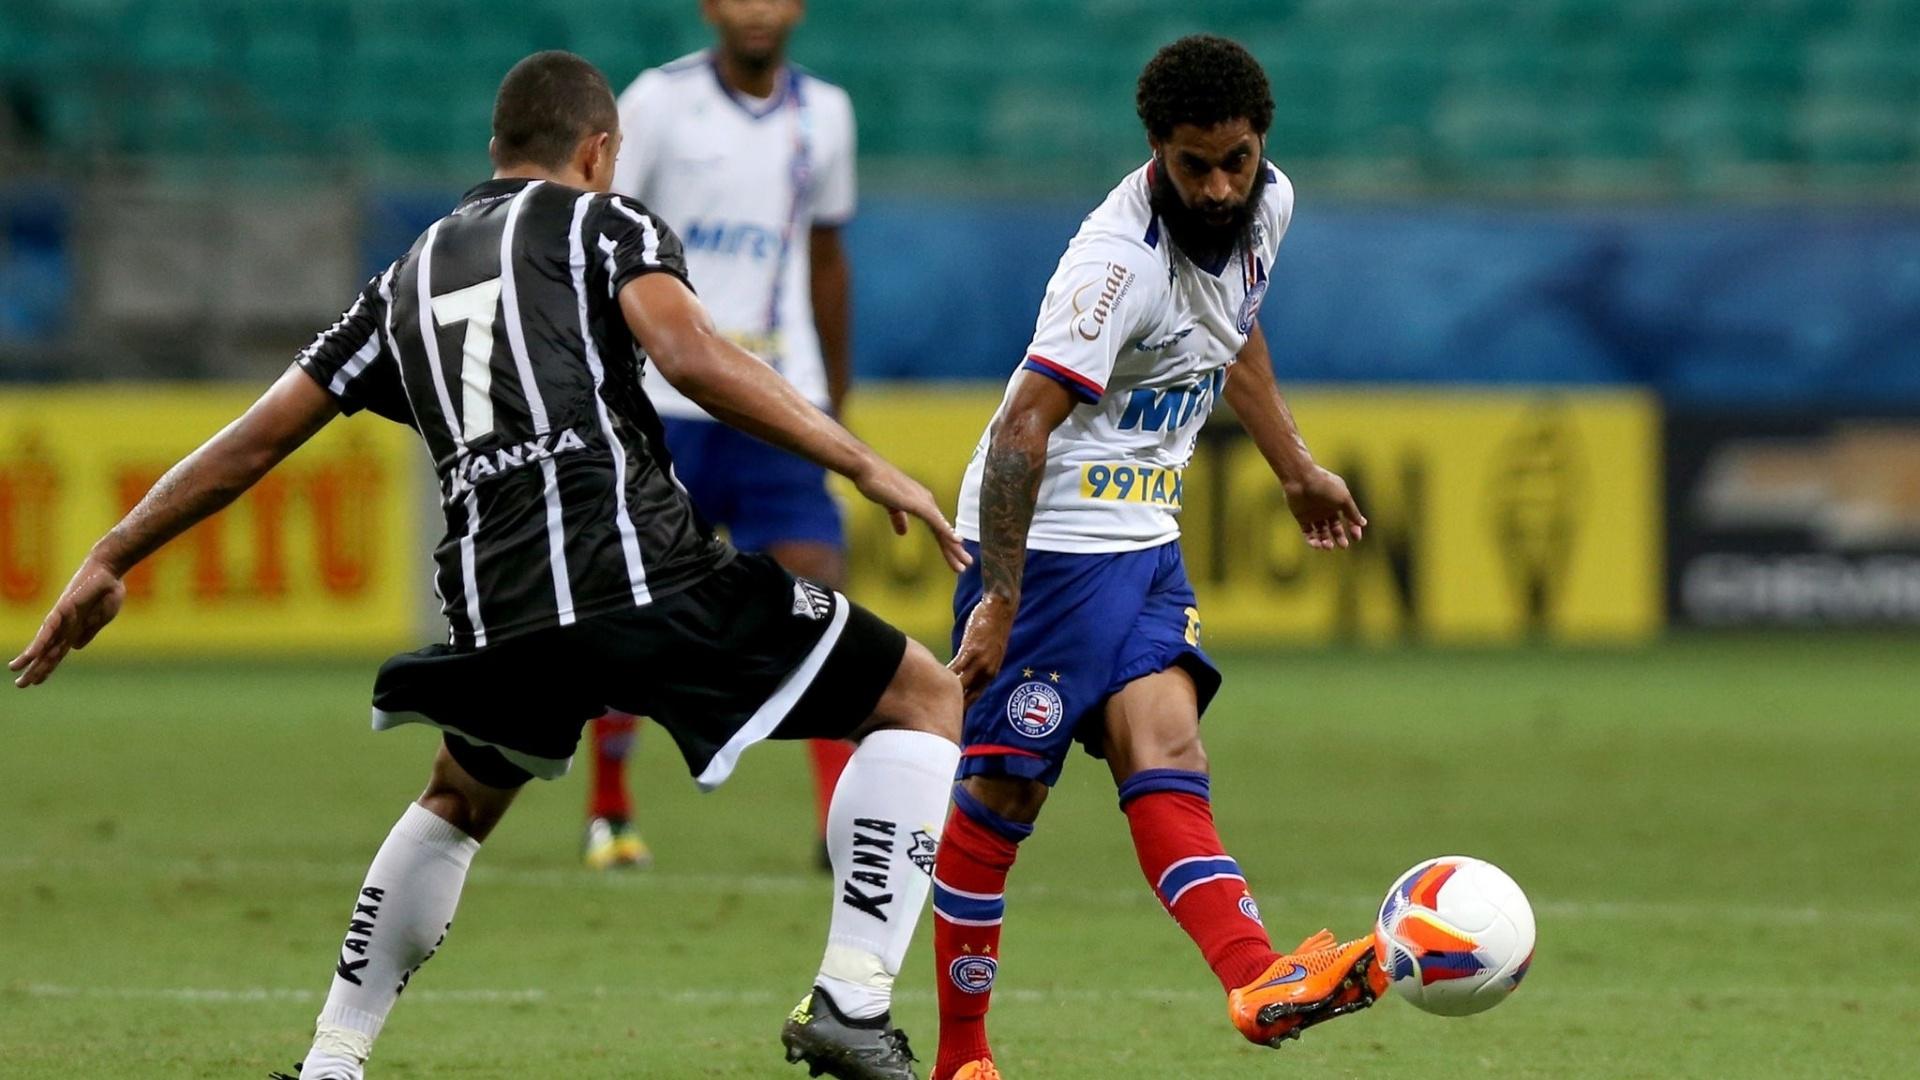 Ávine dá passe em jogo Bahia x Bragantino pela Série B do Campeonato Brasileiro